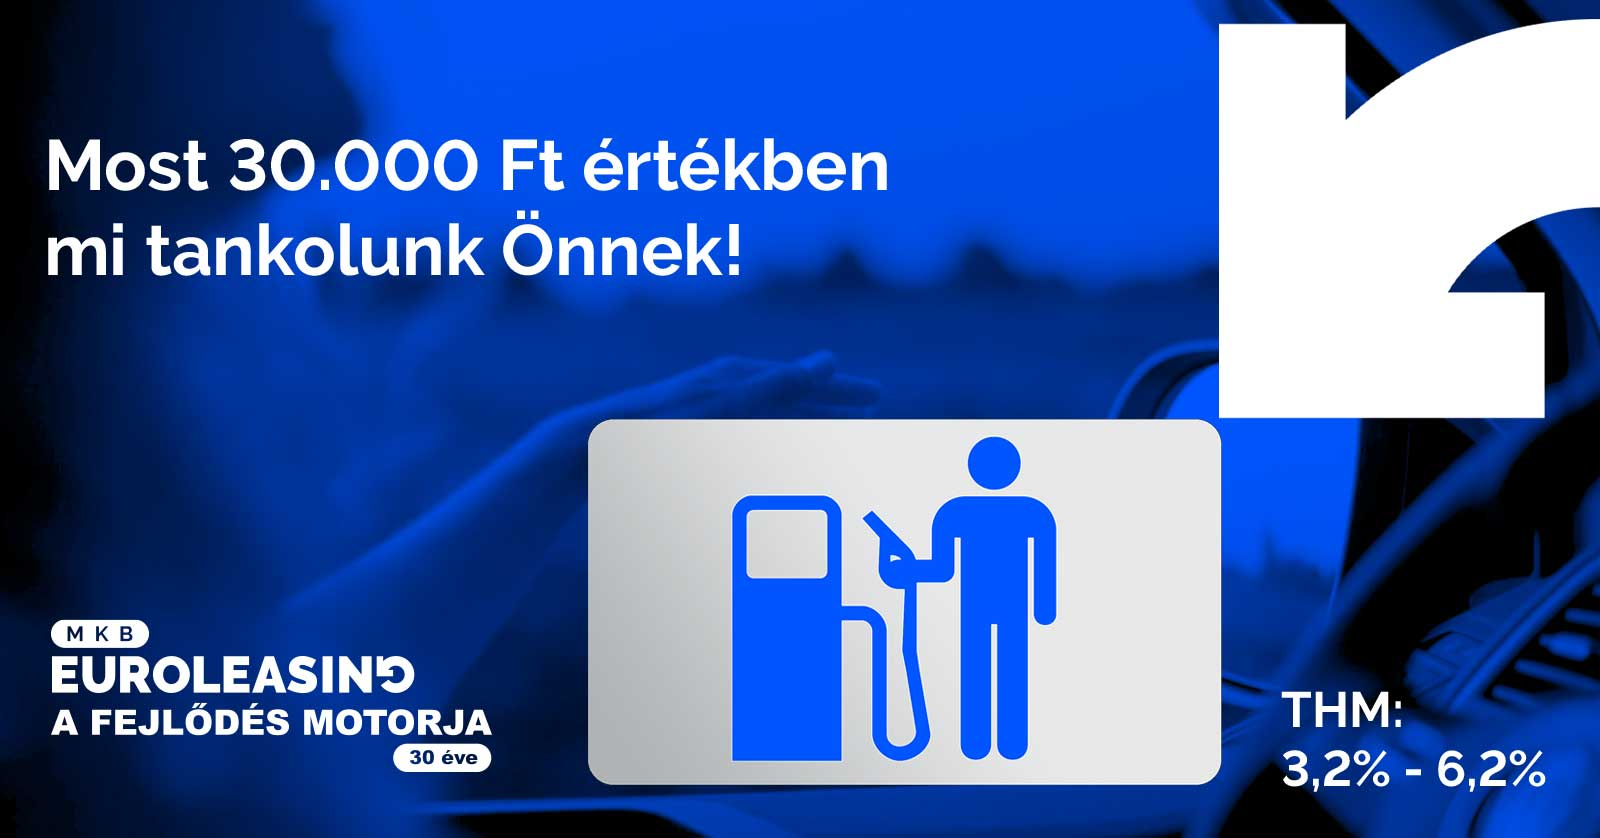 Minden az akcióban résztvevő ügyfél egy 30.000 Ft-os MOL üzemanyagkártyát kap ajándékba!